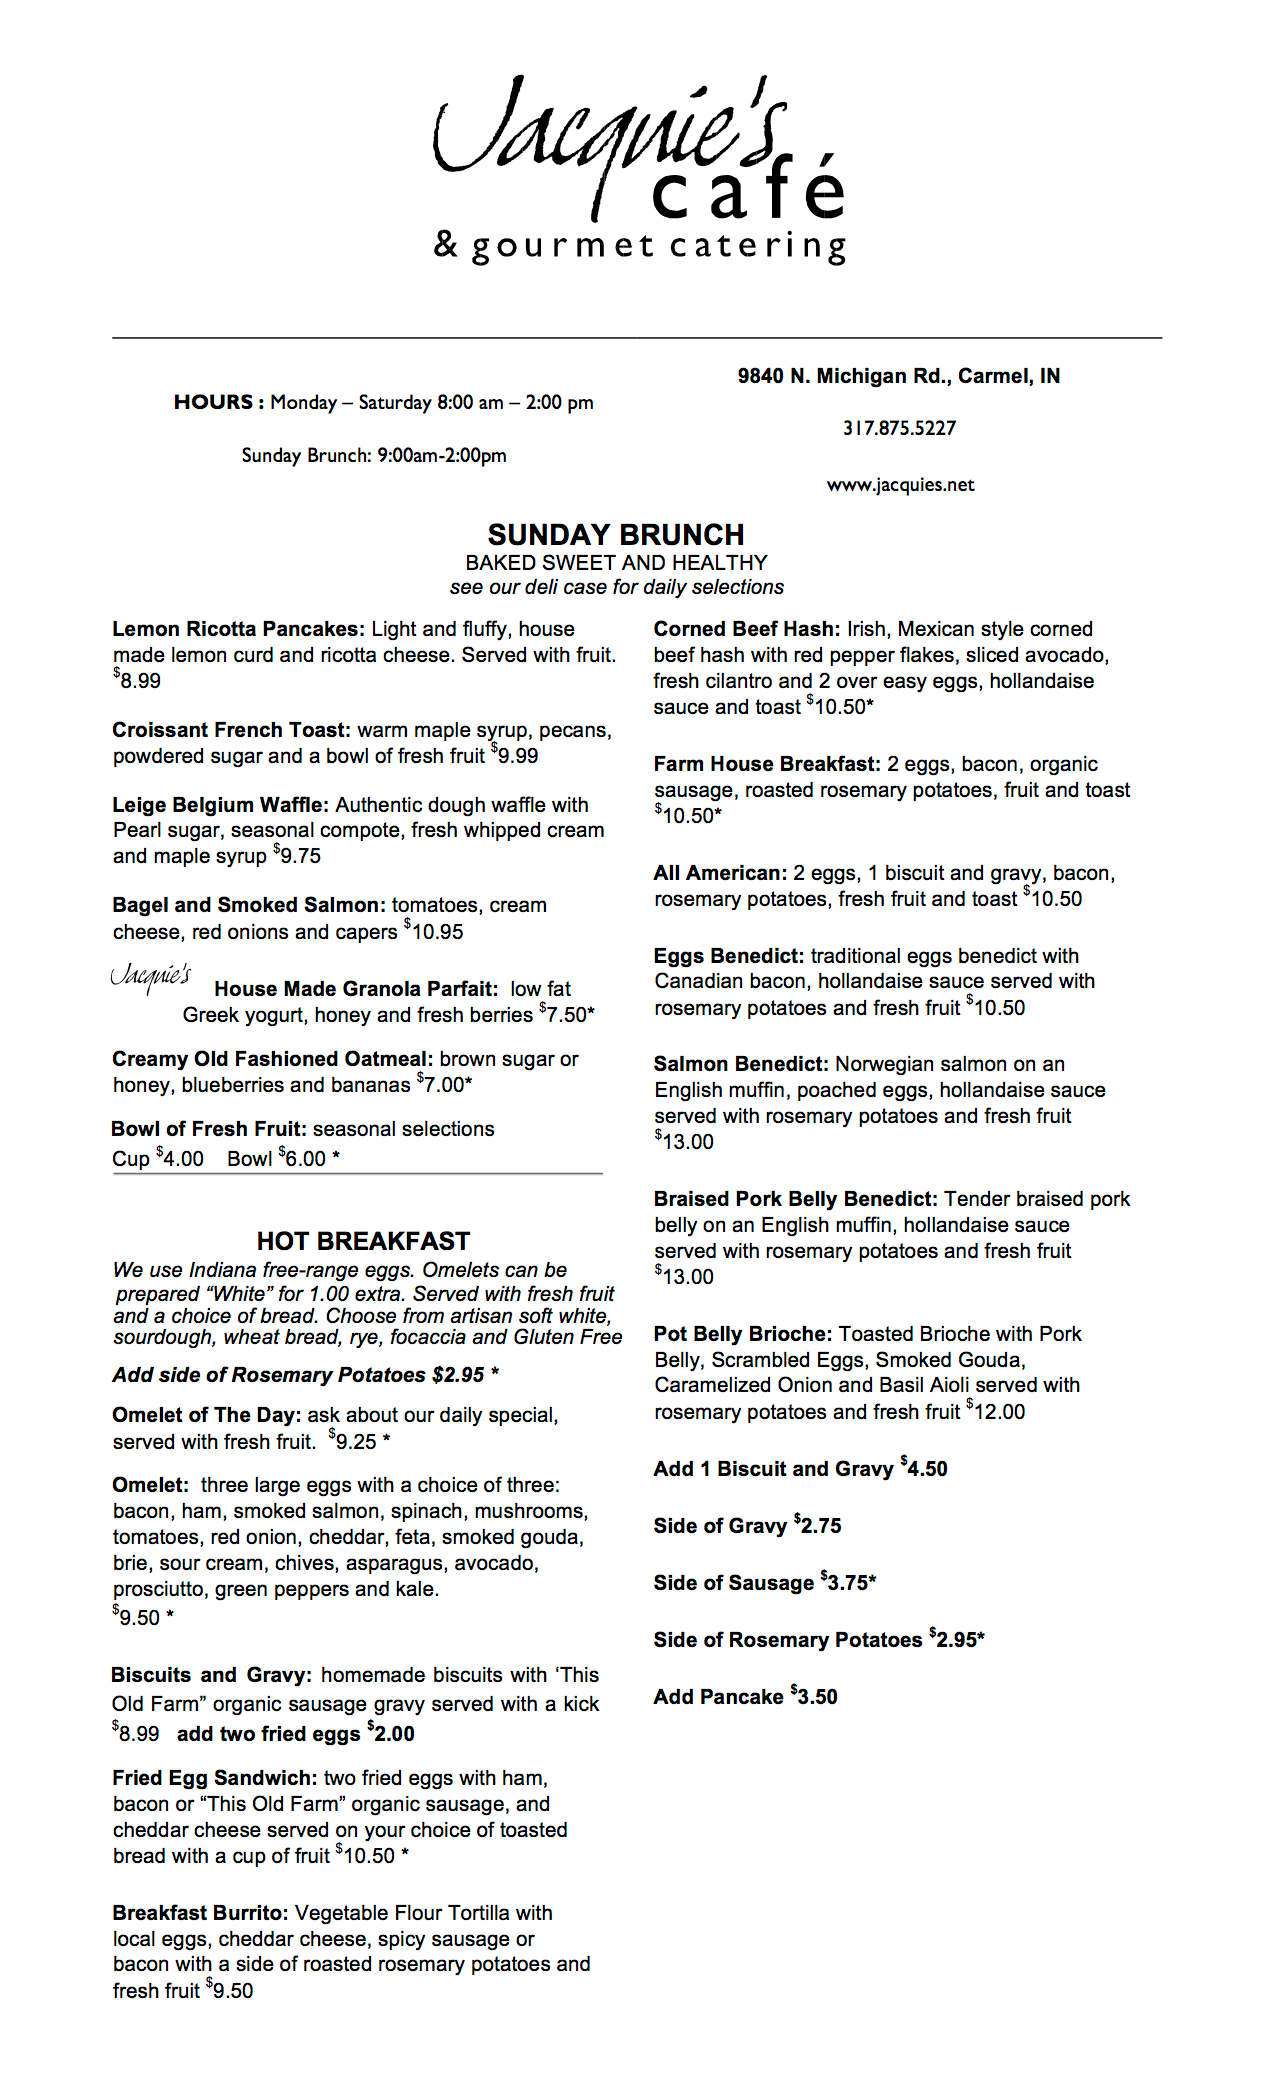 indianapolis cafe brunch menu